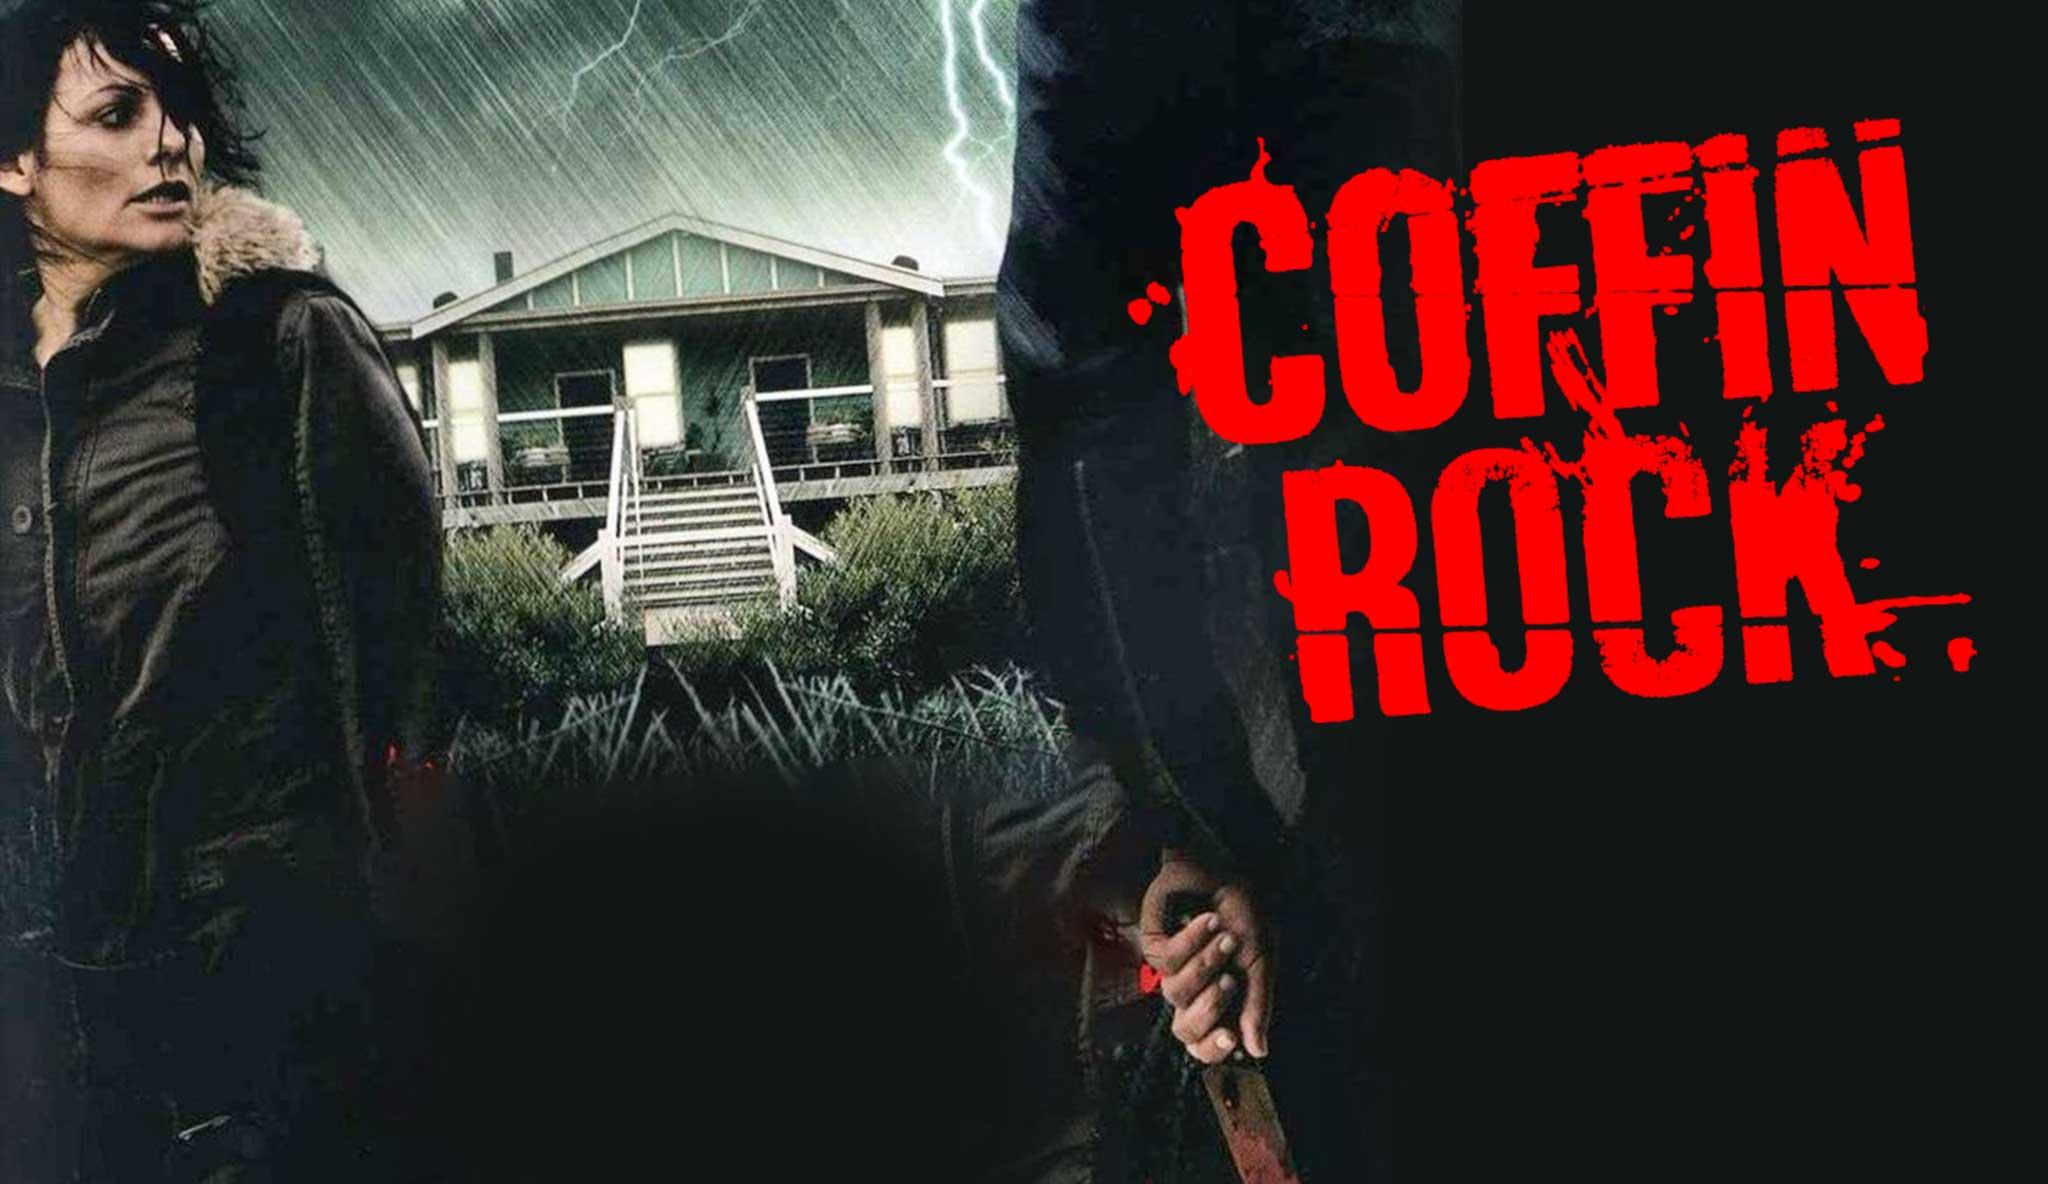 coffin-rock-rendezvous-mit-einem-morder\header.jpg